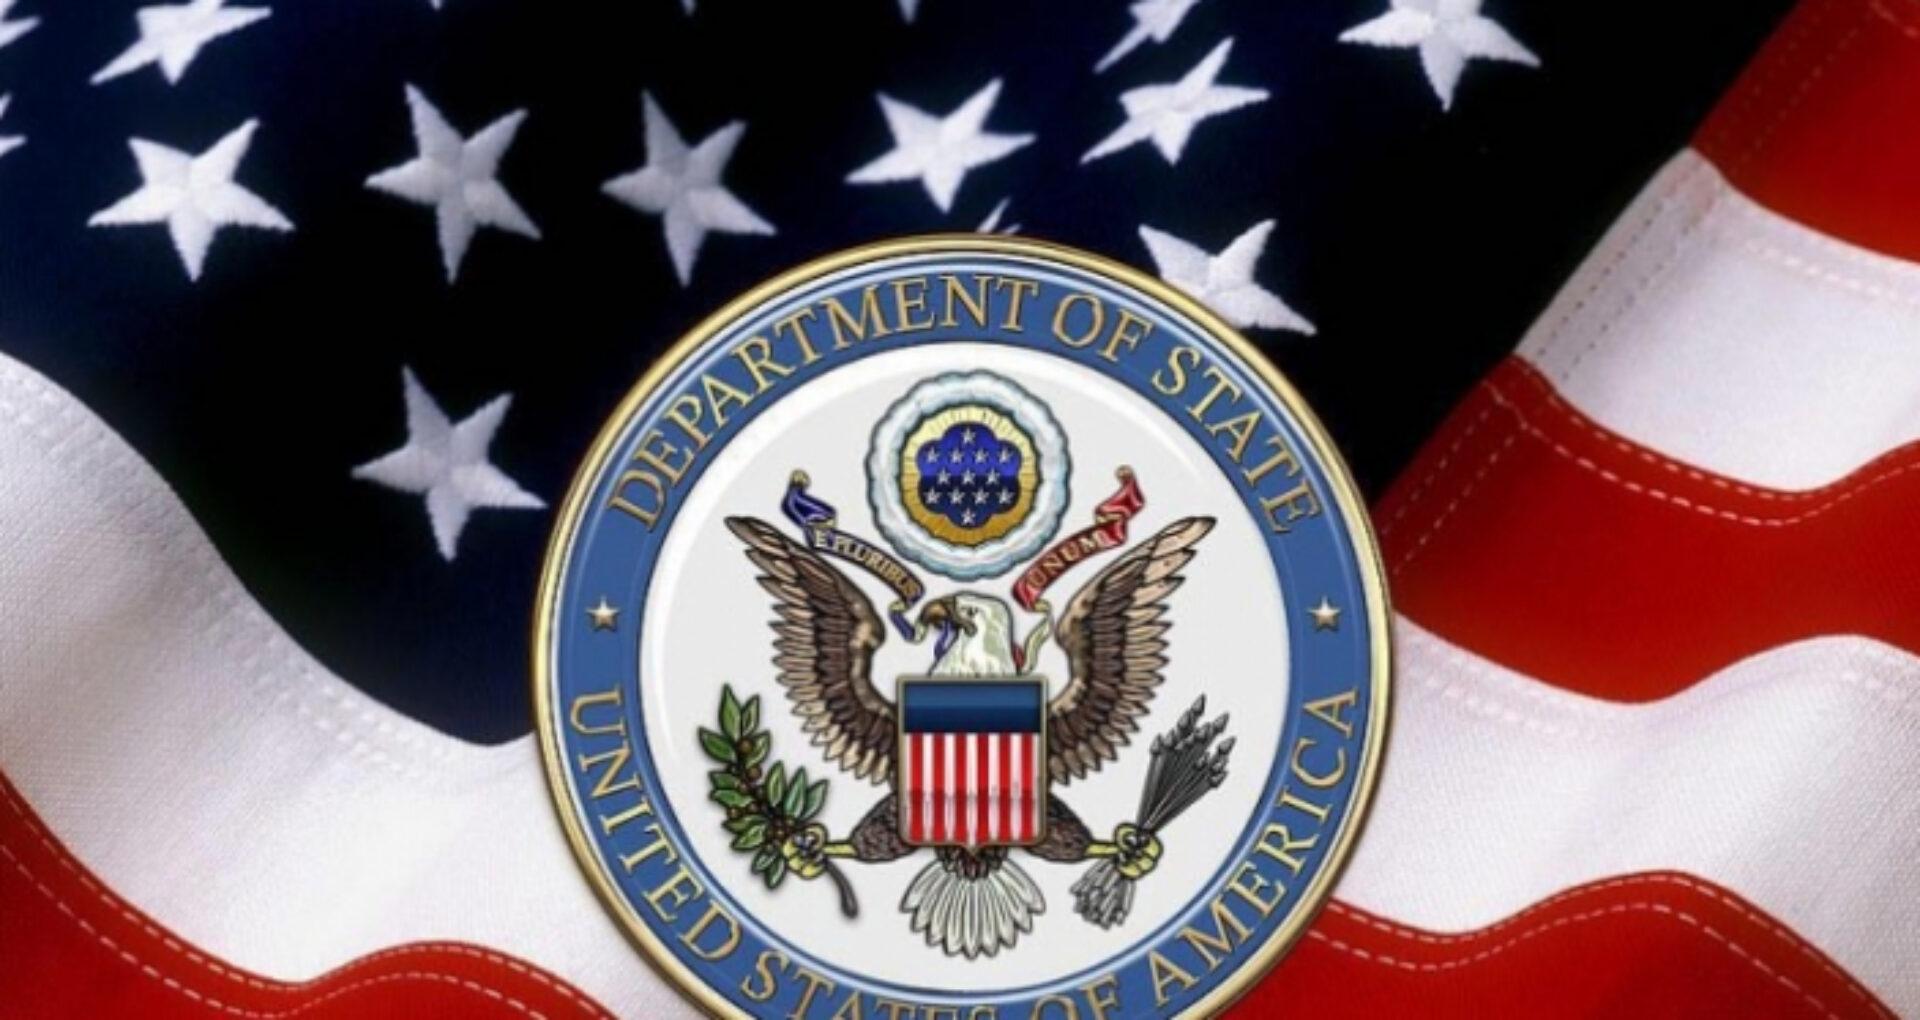 Departamentul de Stat al SUA salută retragerea PDM de la guvernare